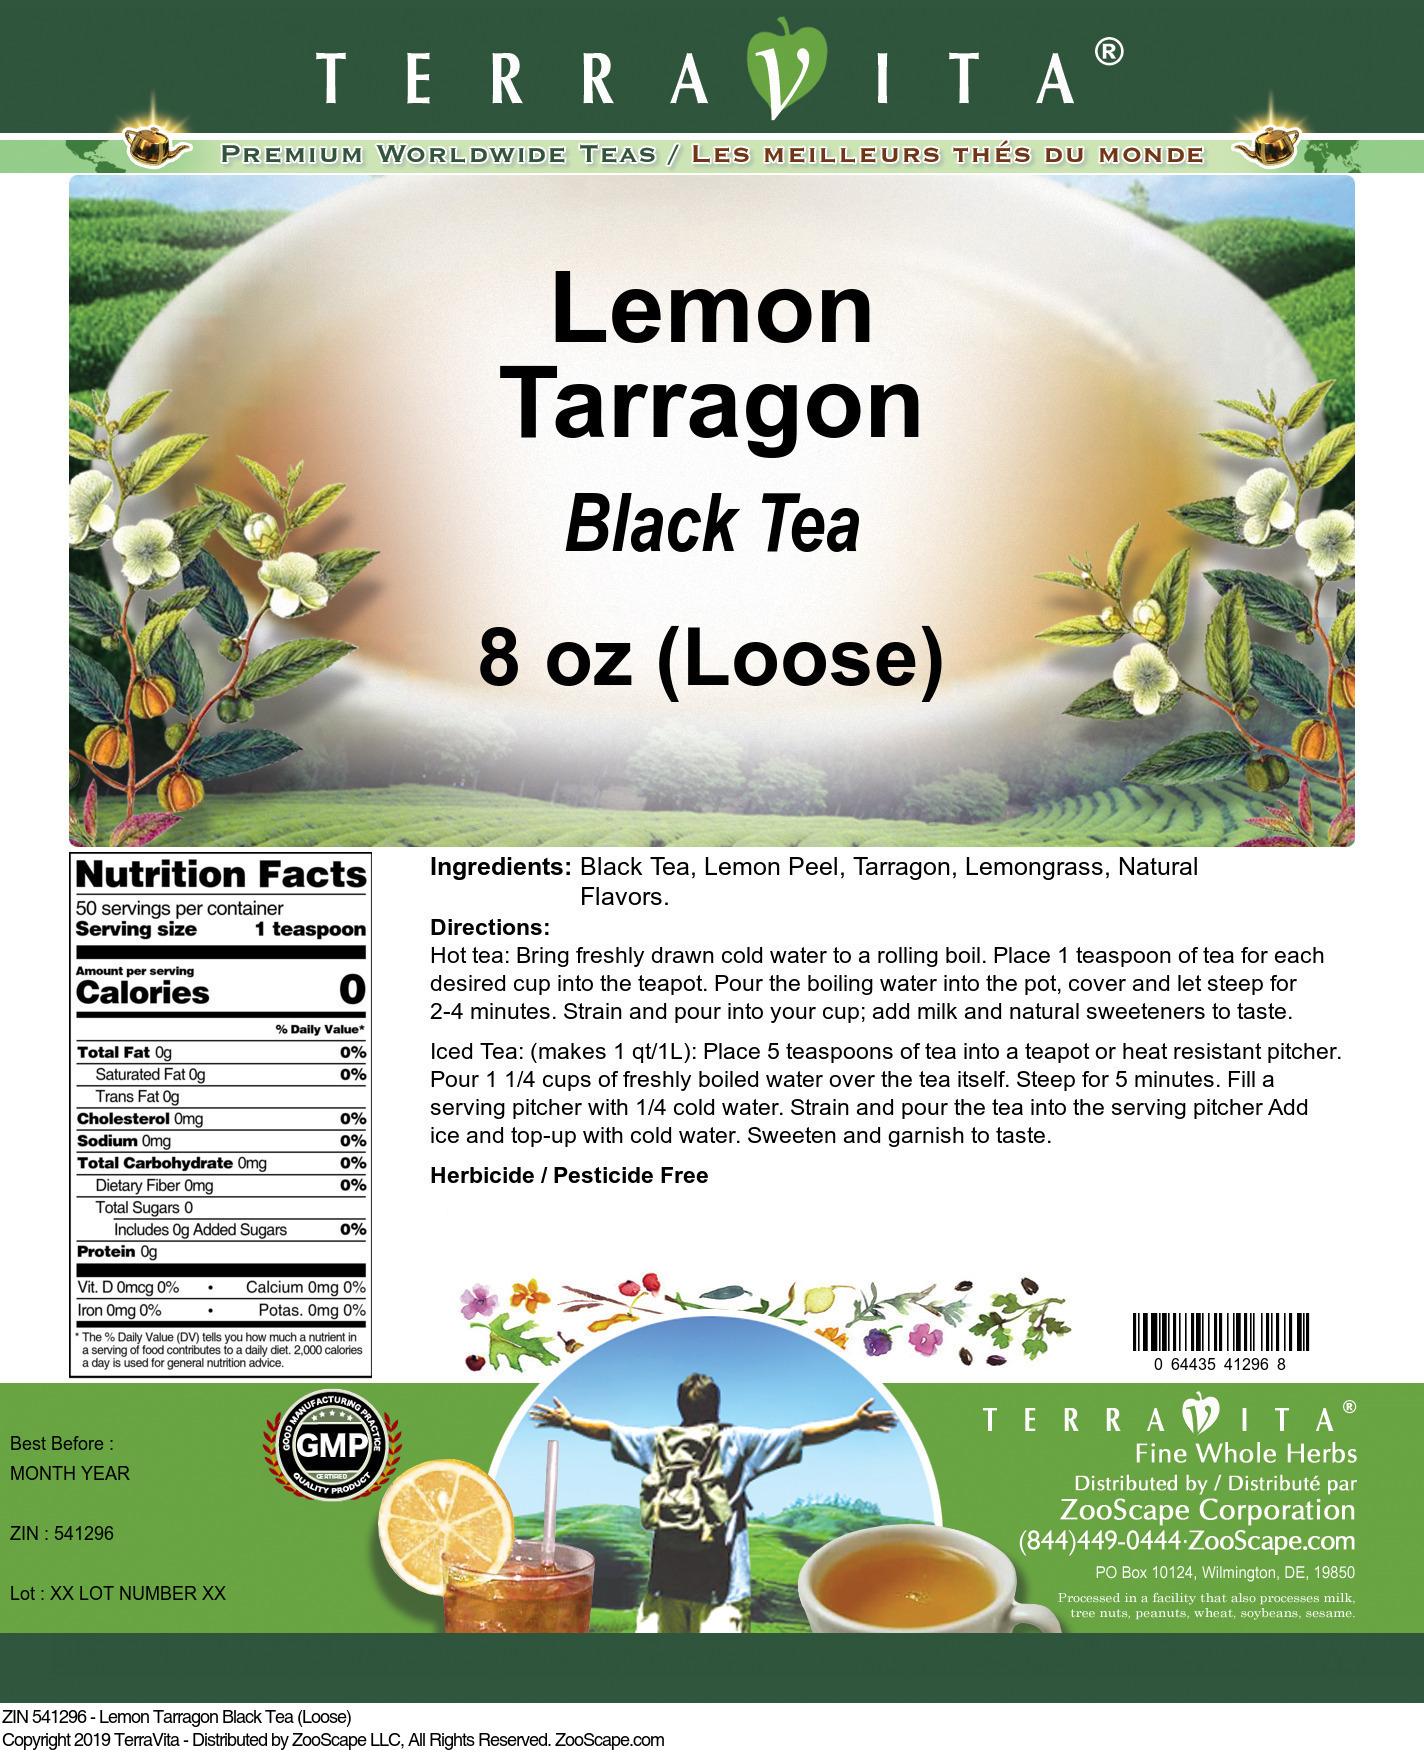 Lemon Tarragon Black Tea (Loose)